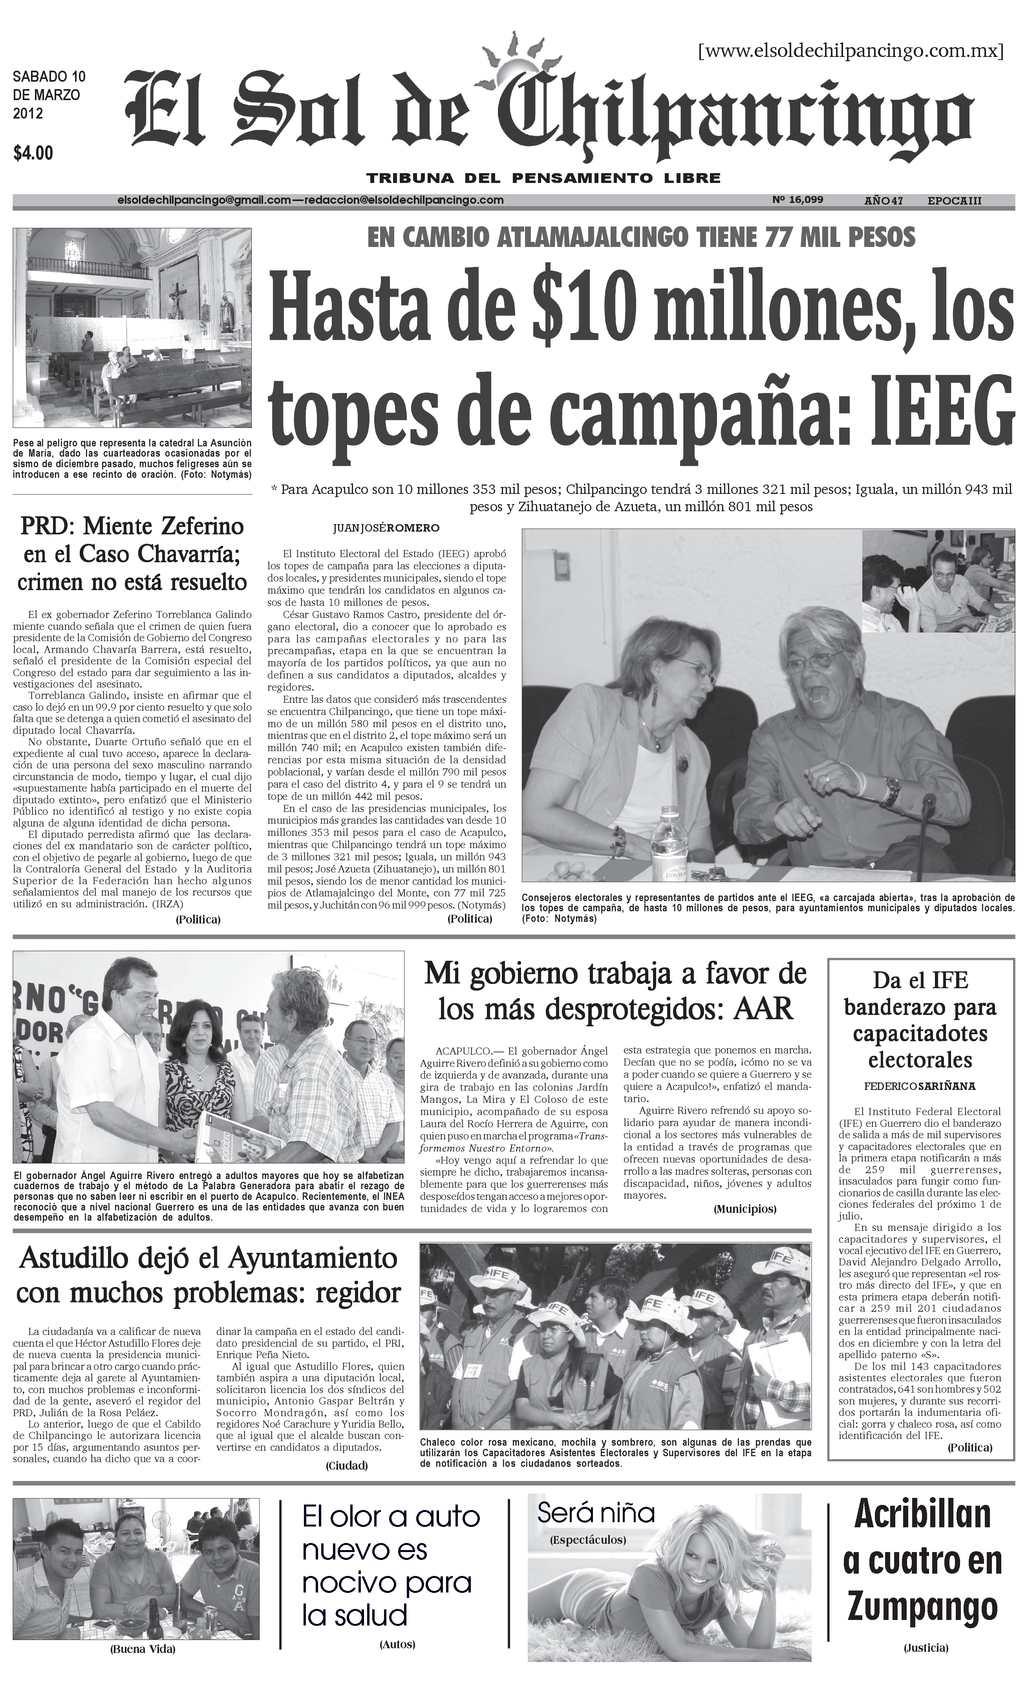 Ife Citas Por - 496077